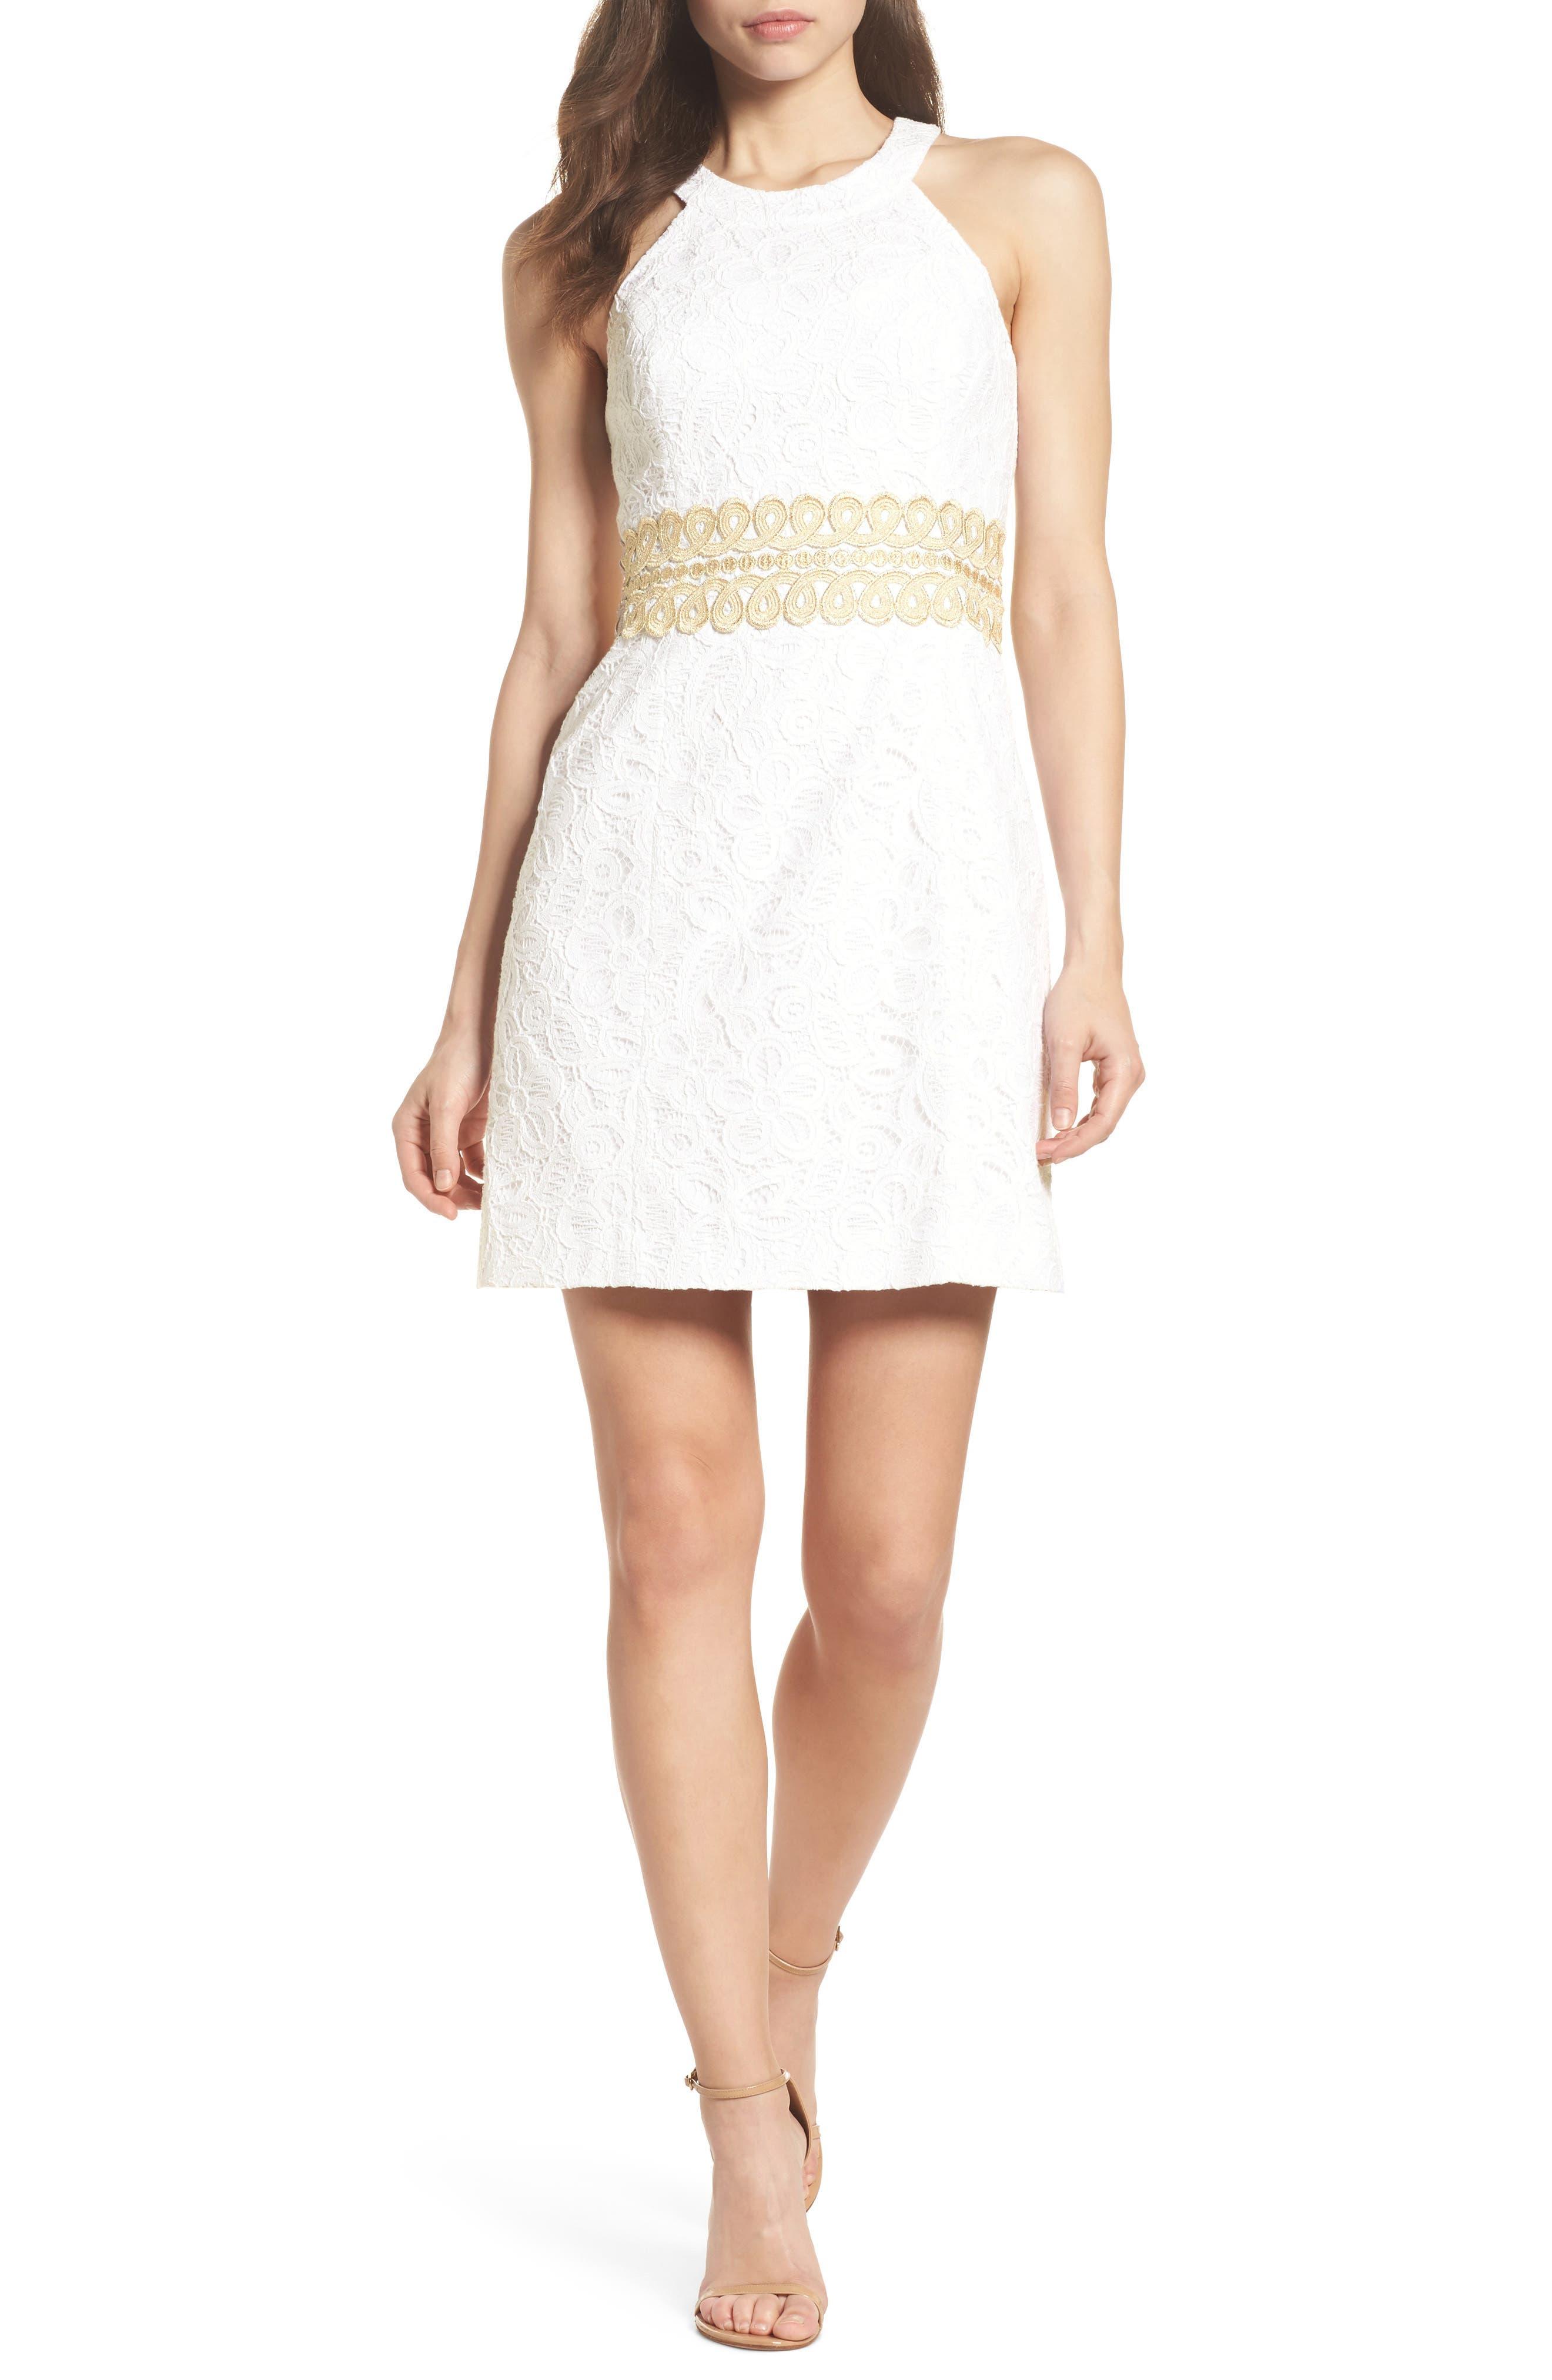 Ashlyn Lace Dress,                         Main,                         color, Resort White Pop Floral Lace